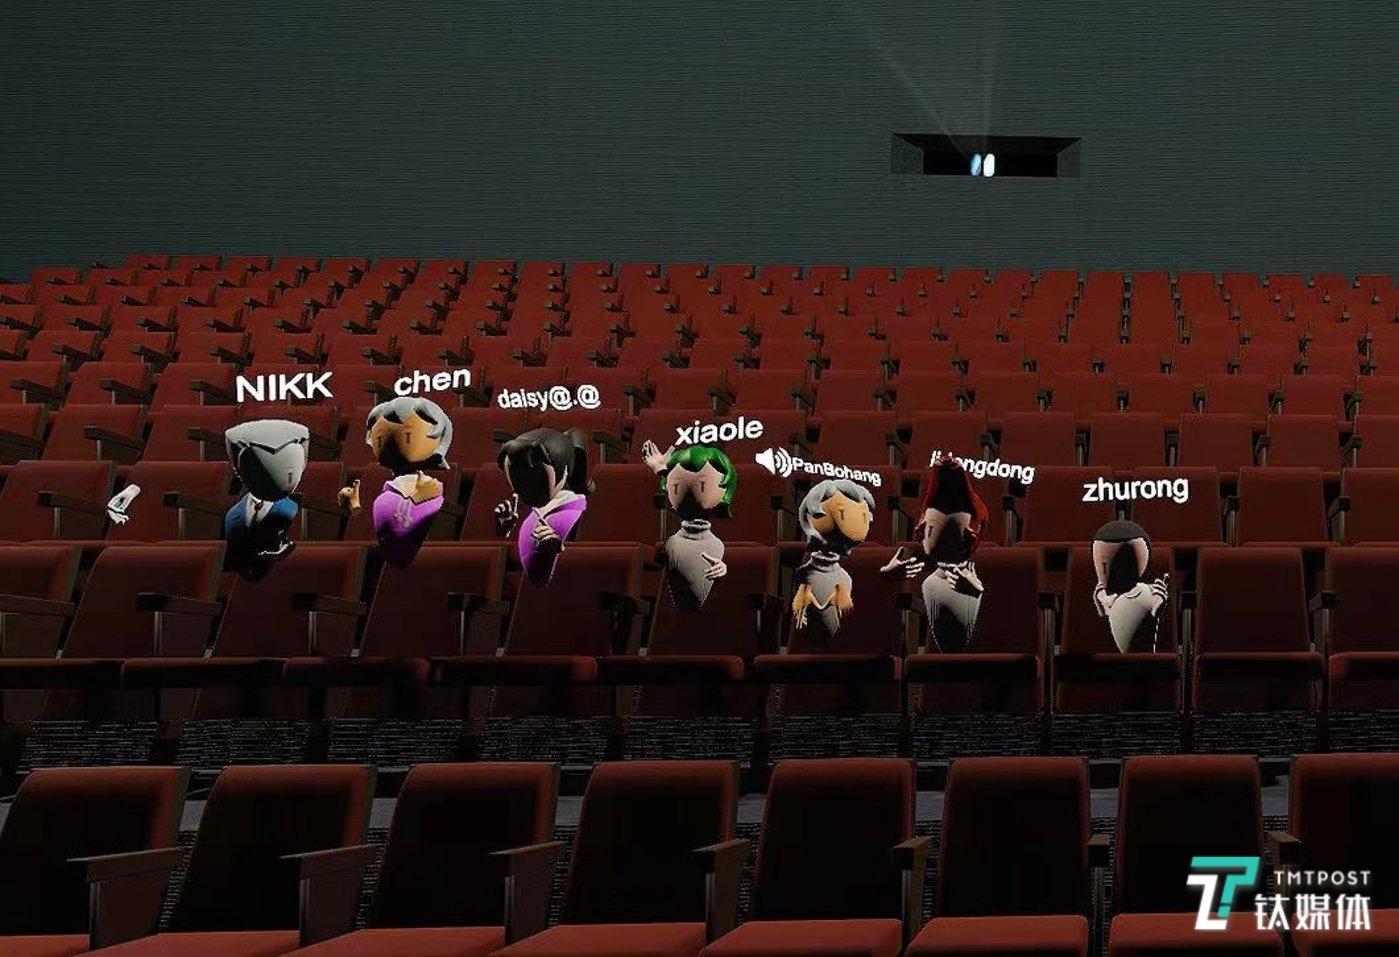 虚拟影院中排排坐的观影者